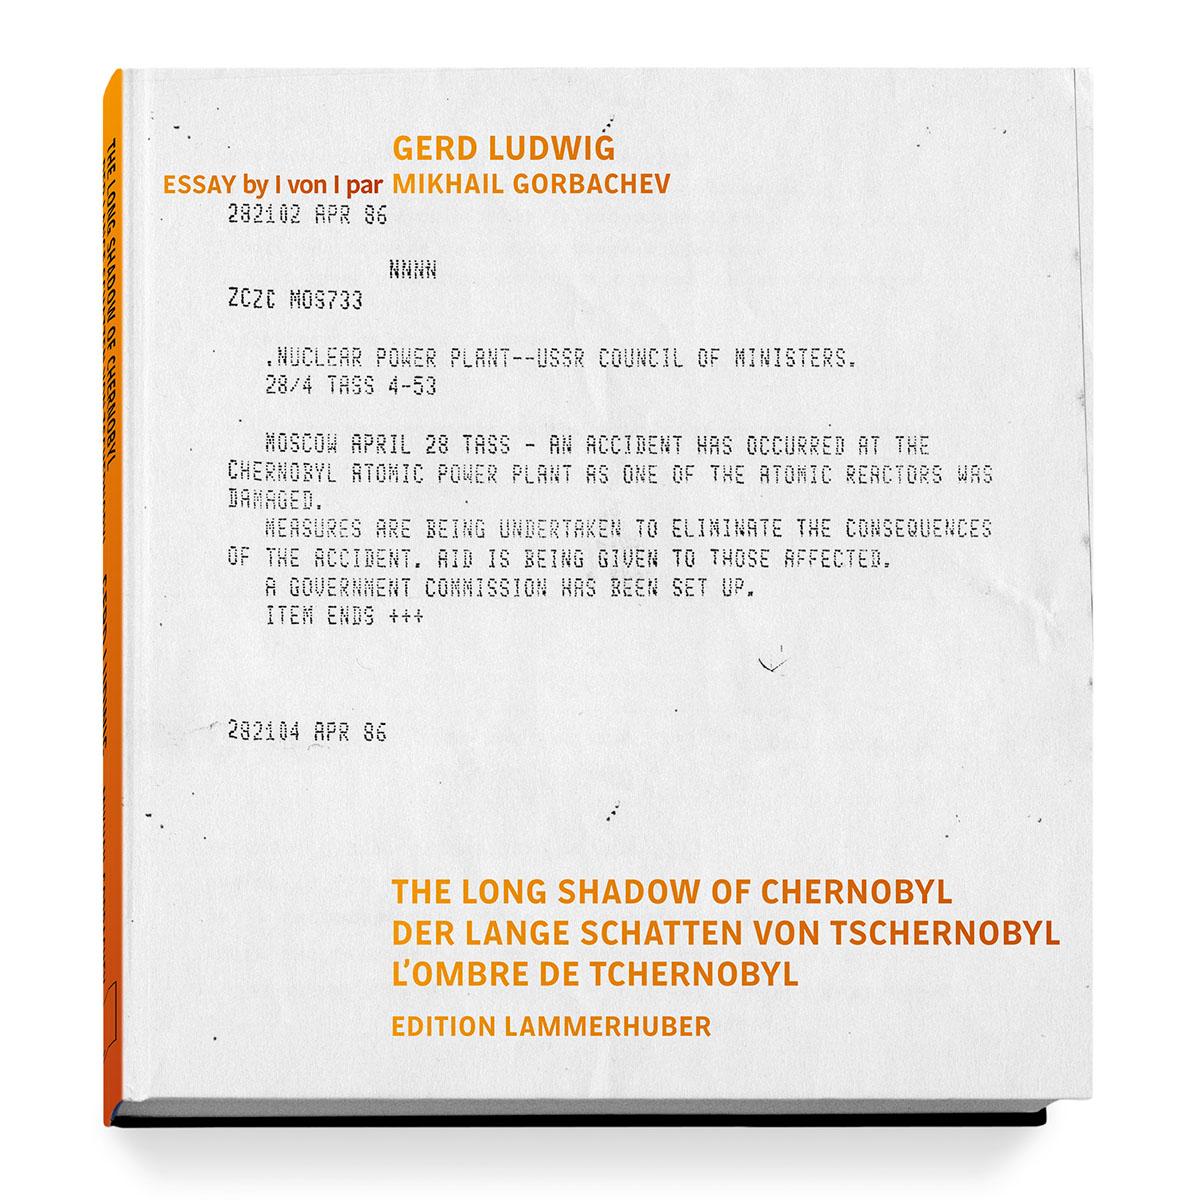 Buchcover Das Fernschreiben der sowjetischen Presseagentur TASS, informiert in knappen Worten erst zwei Tage nach der Katastrophe.